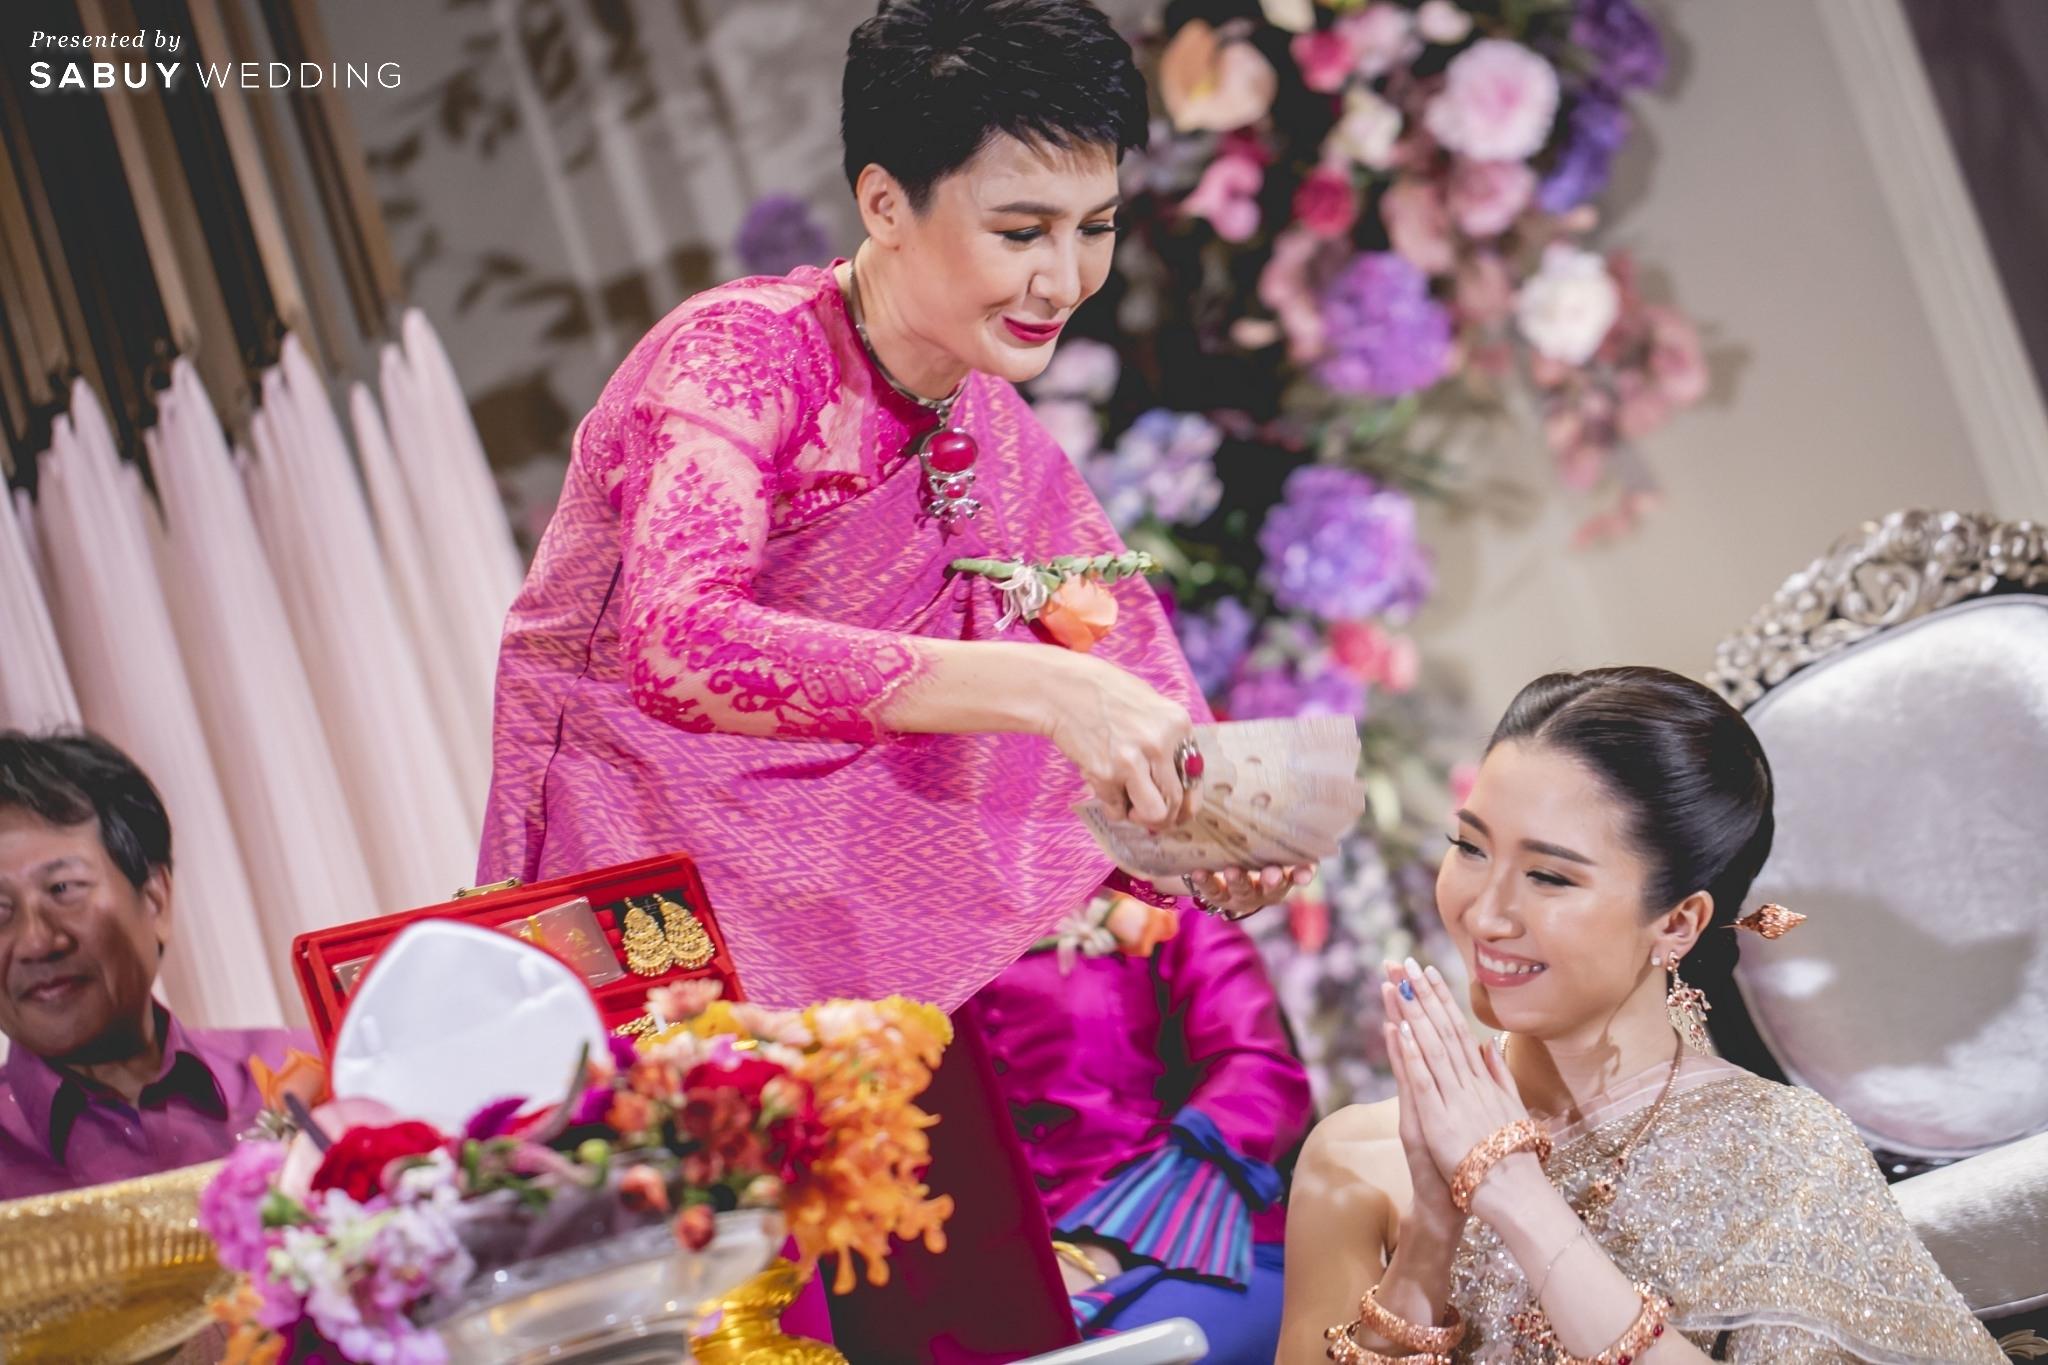 เจ้าสาว,งานแต่งงาน รีวิวงานแต่งแซ่บจี๊ดใจ สวยสดใสด้วยโทนสี Colorful @ AVANI+ Riverside Bangkok Hotel